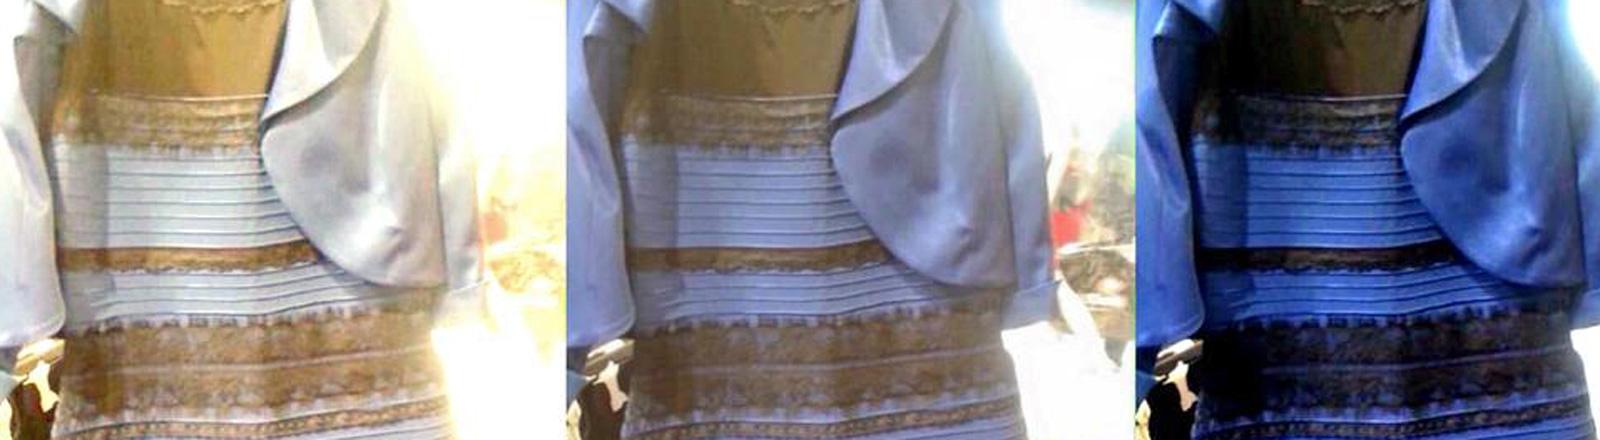 Drei Bilder von einem Kleid: Einmal wirkt das Kleid braun-hellblau, dann braun-lila und dann schwarz-blau.